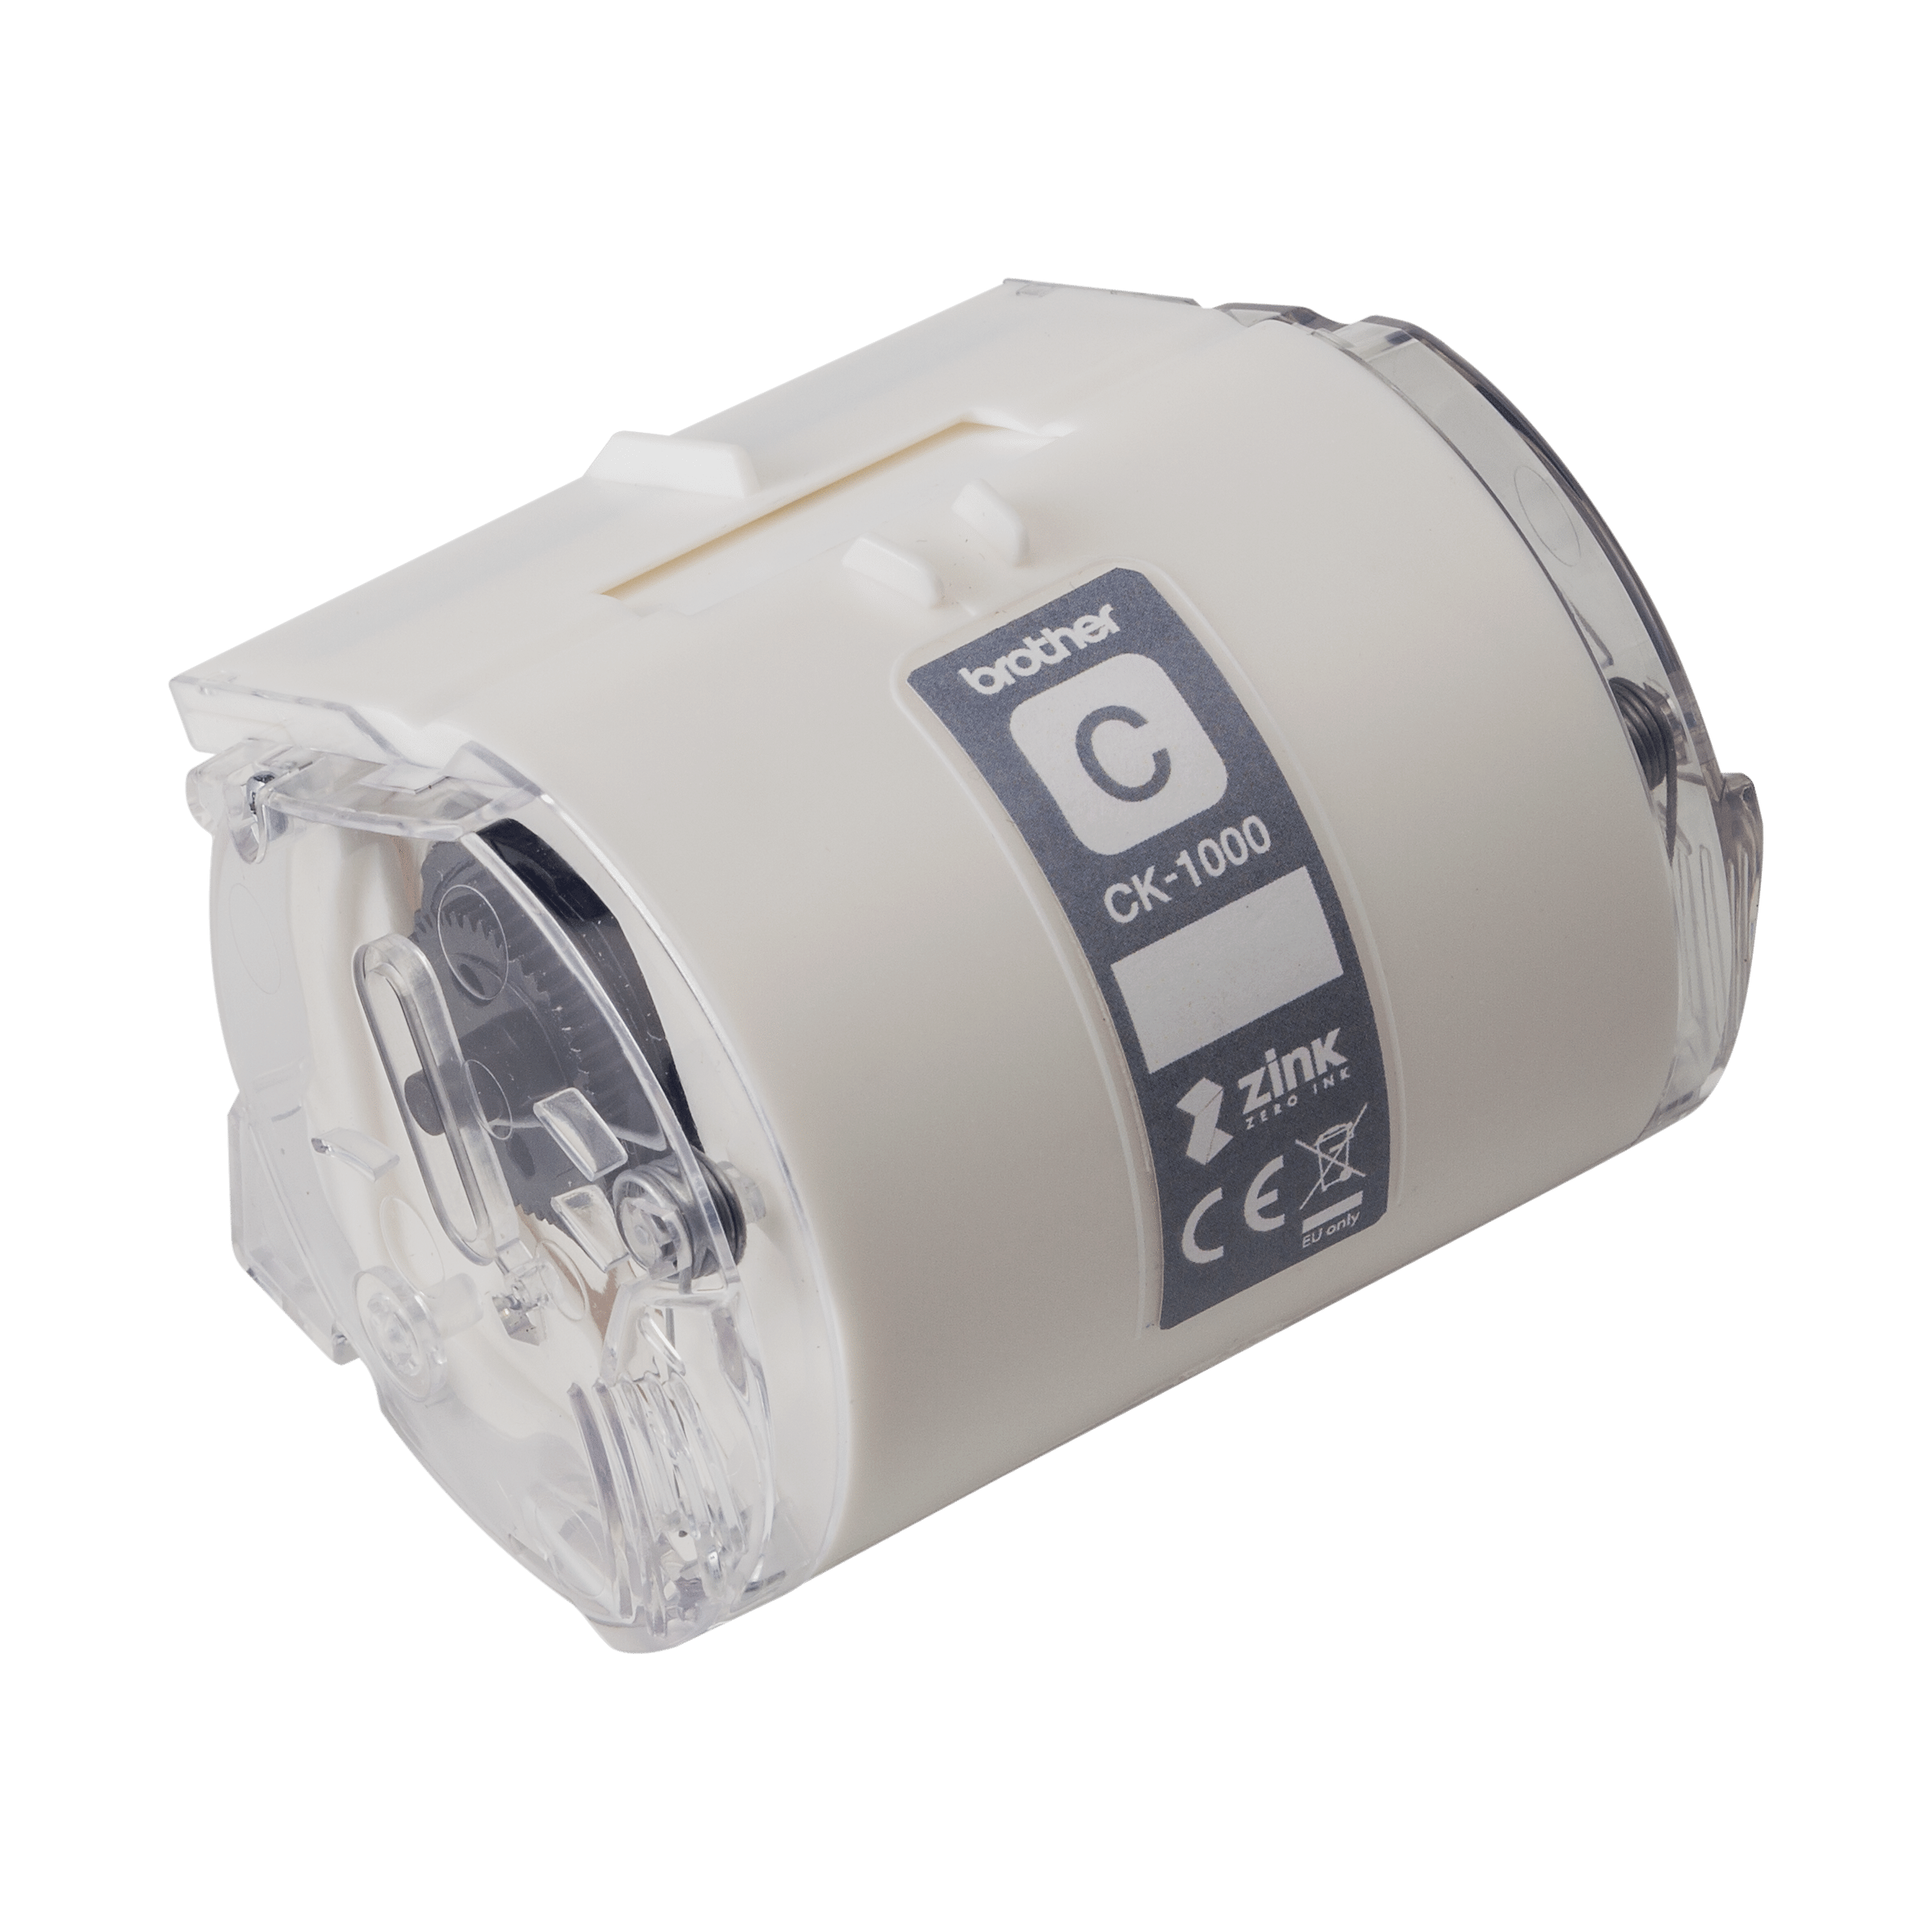 Ruban de nettoyage de tête d'impression Brother CK-1000 d'origine, 50 mm de large